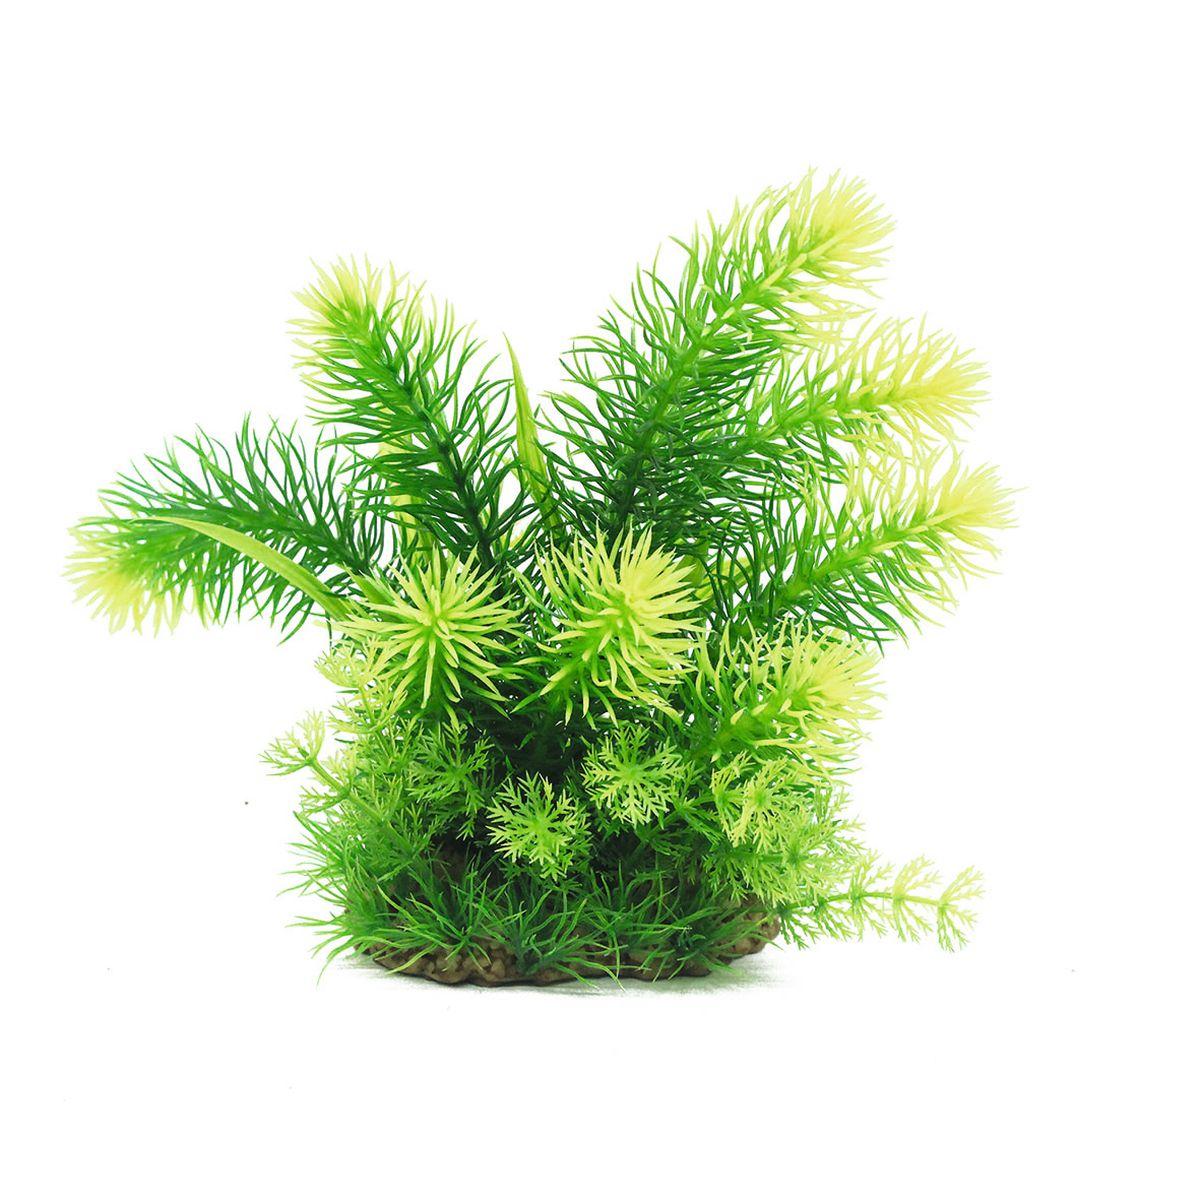 Растение для аквариума ArtUniq Погостемон эректус, высота 20 смART-1160513Растение для аквариума ArtUniq Погостемон эректус, высота 20 см